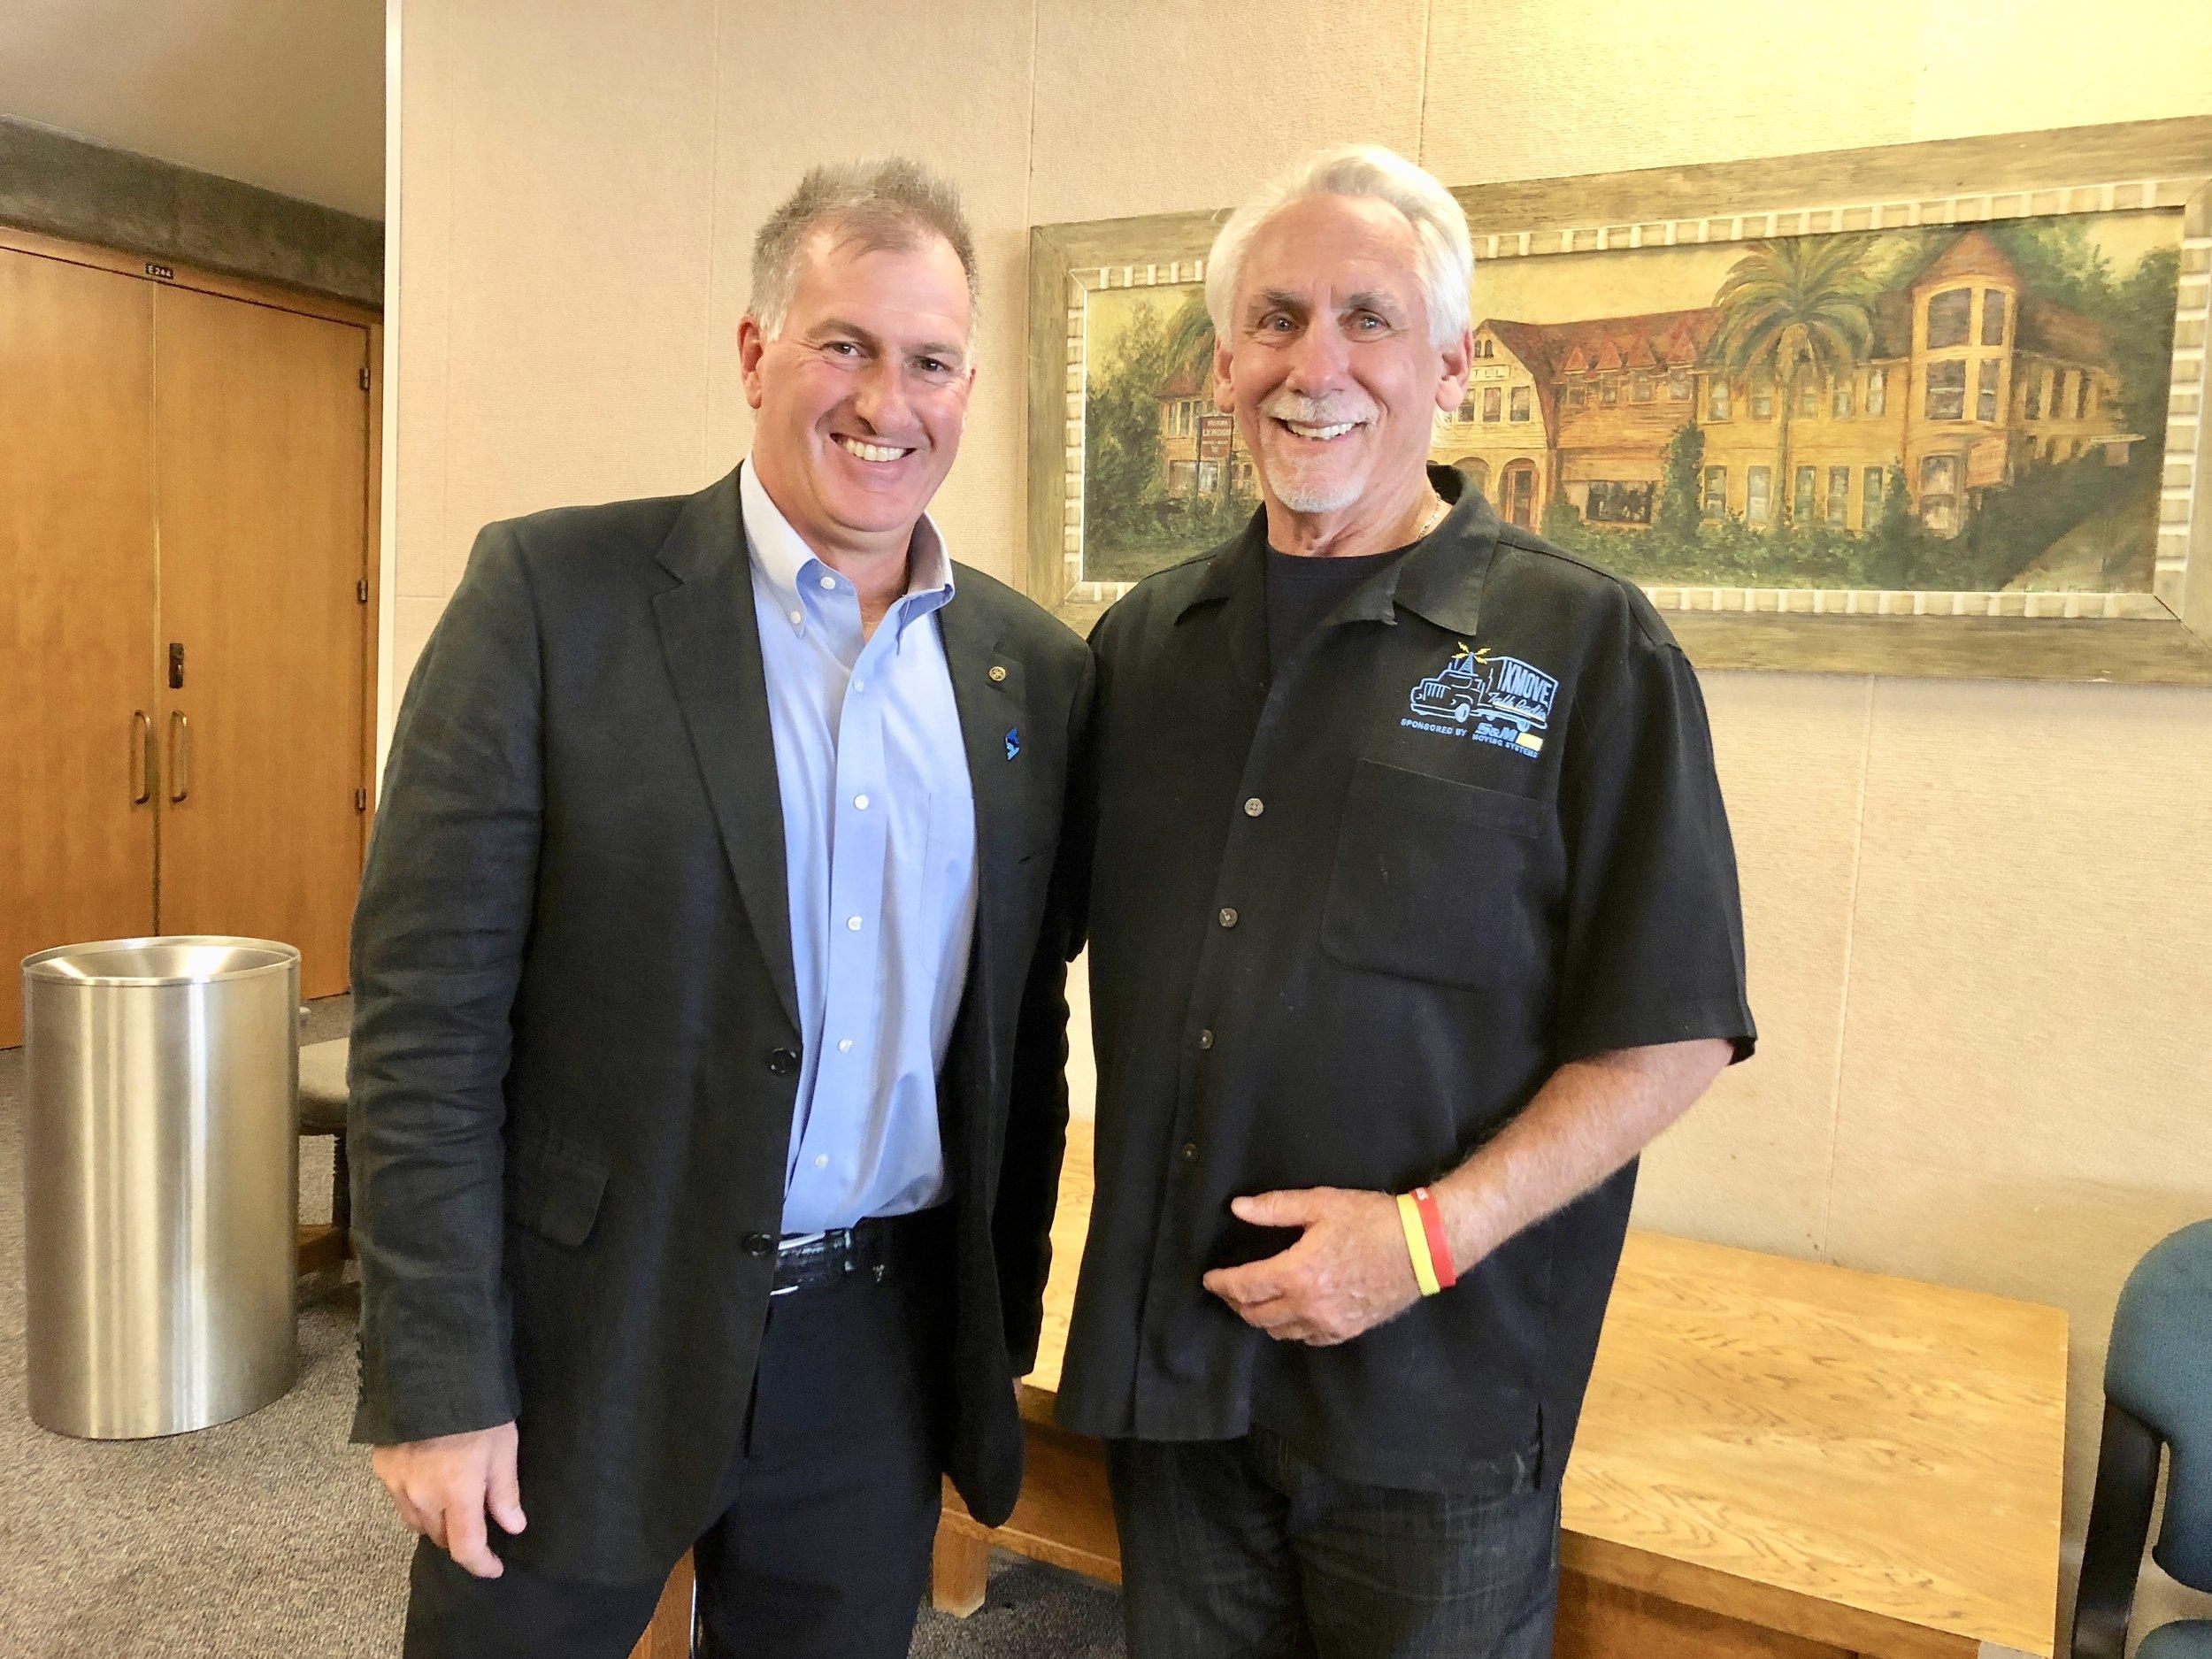 Rob Rennie with Clay Goodman